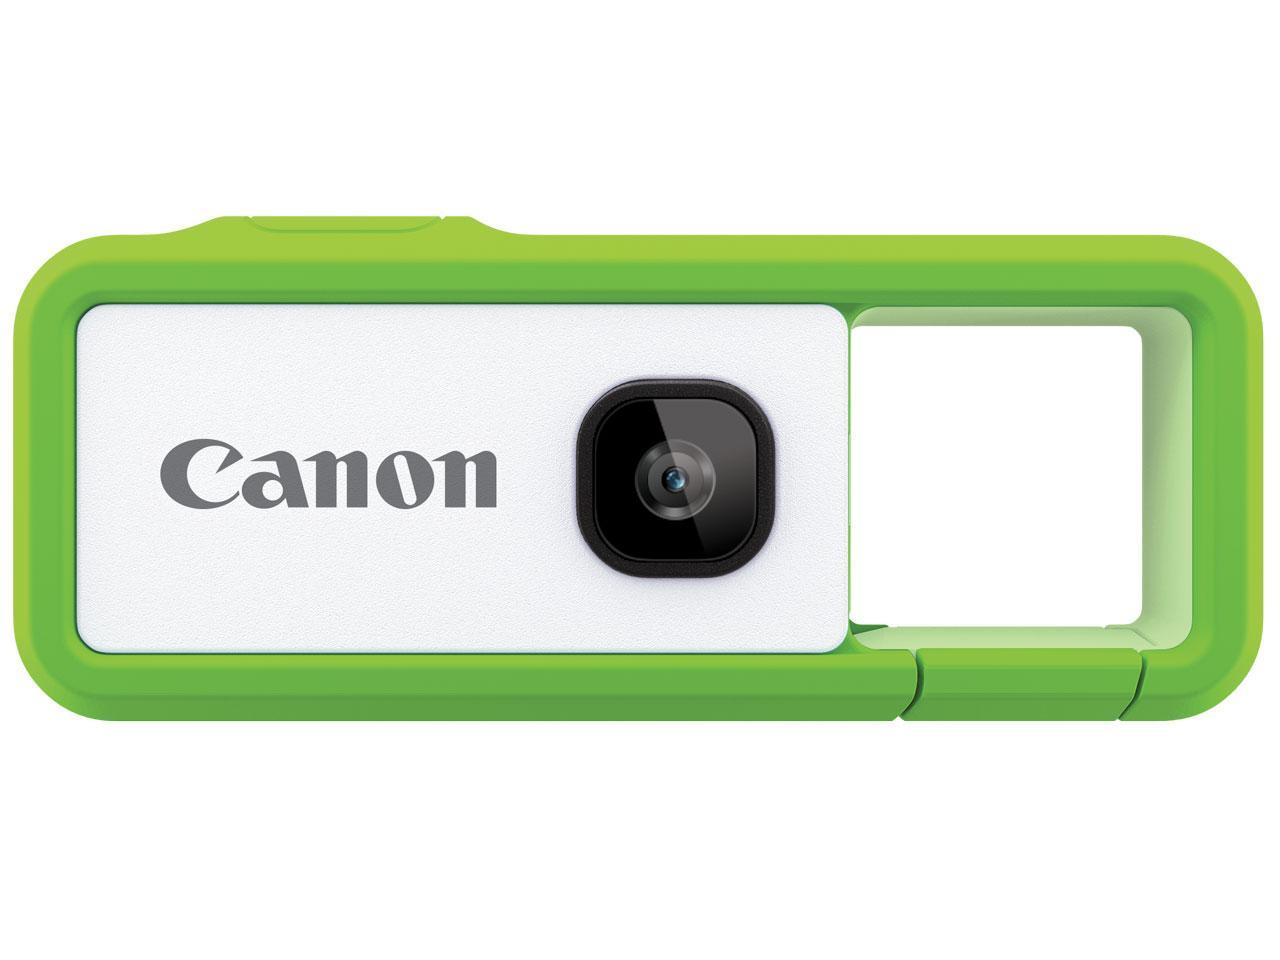 キヤノンデジタルカメラ iNSPiC REC FV-100 GREEN(FV-100 GREEN)